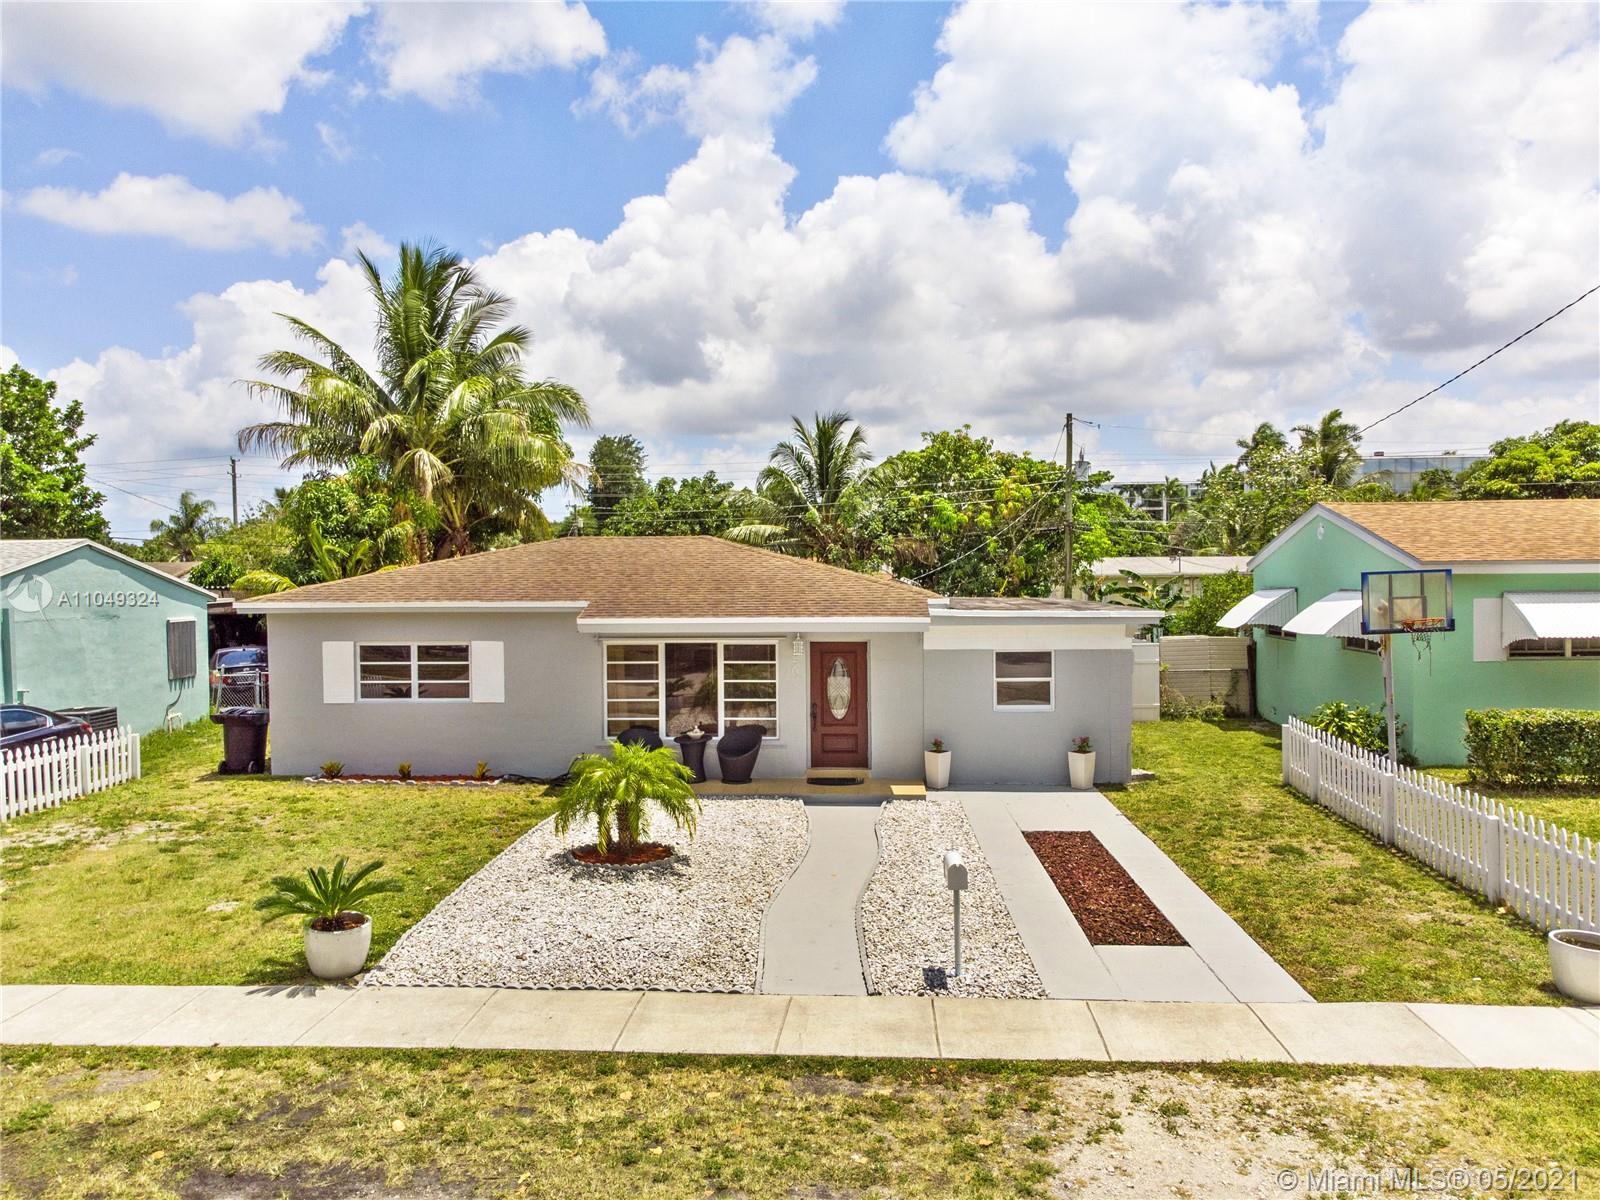 North Miami Beach - 250 NE 170th St, North Miami Beach, FL 33162